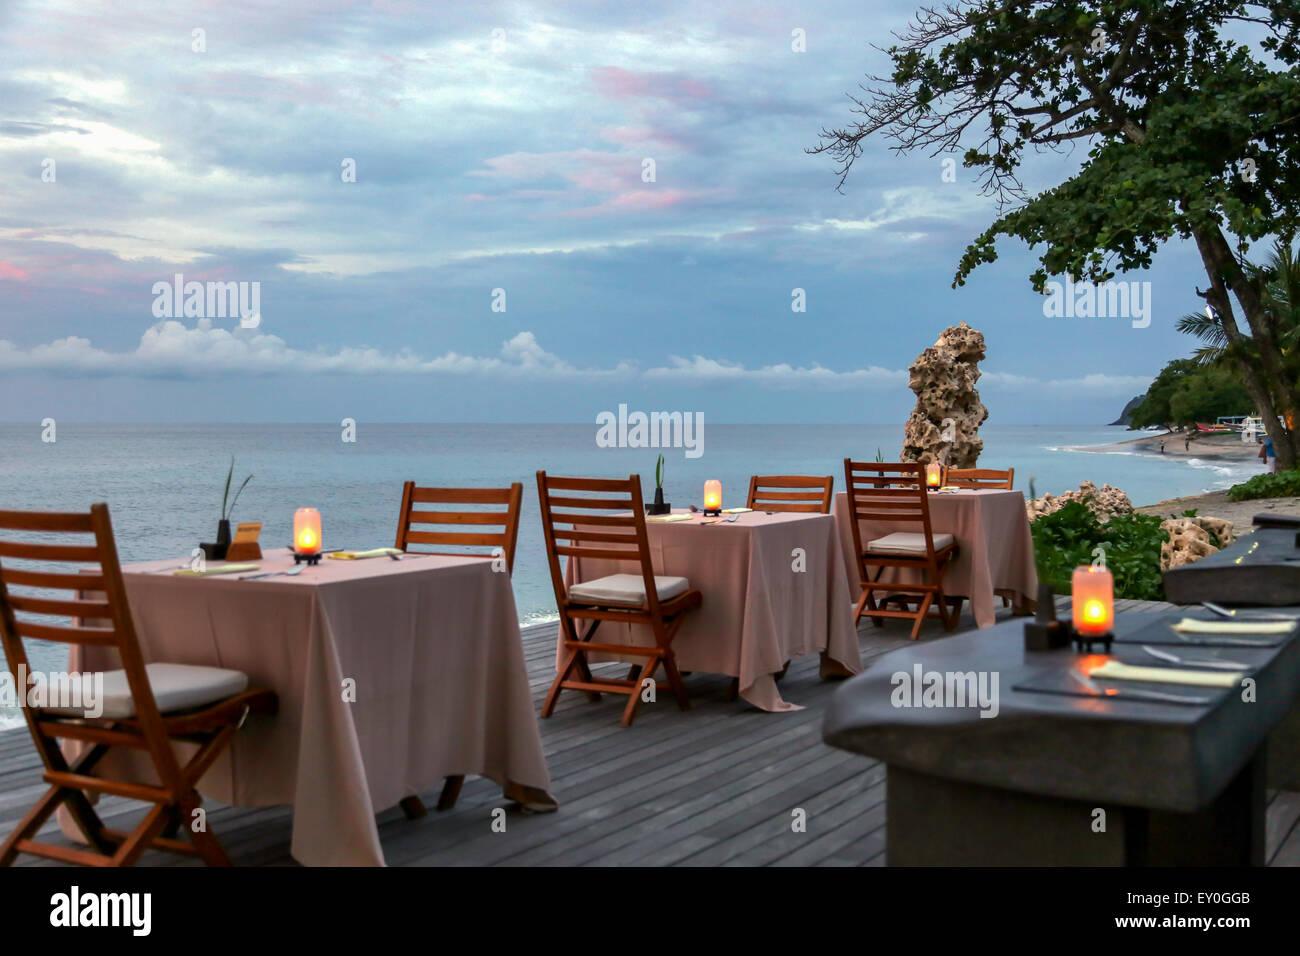 Quattro tavole di ristorante su pavimento di legno accanto